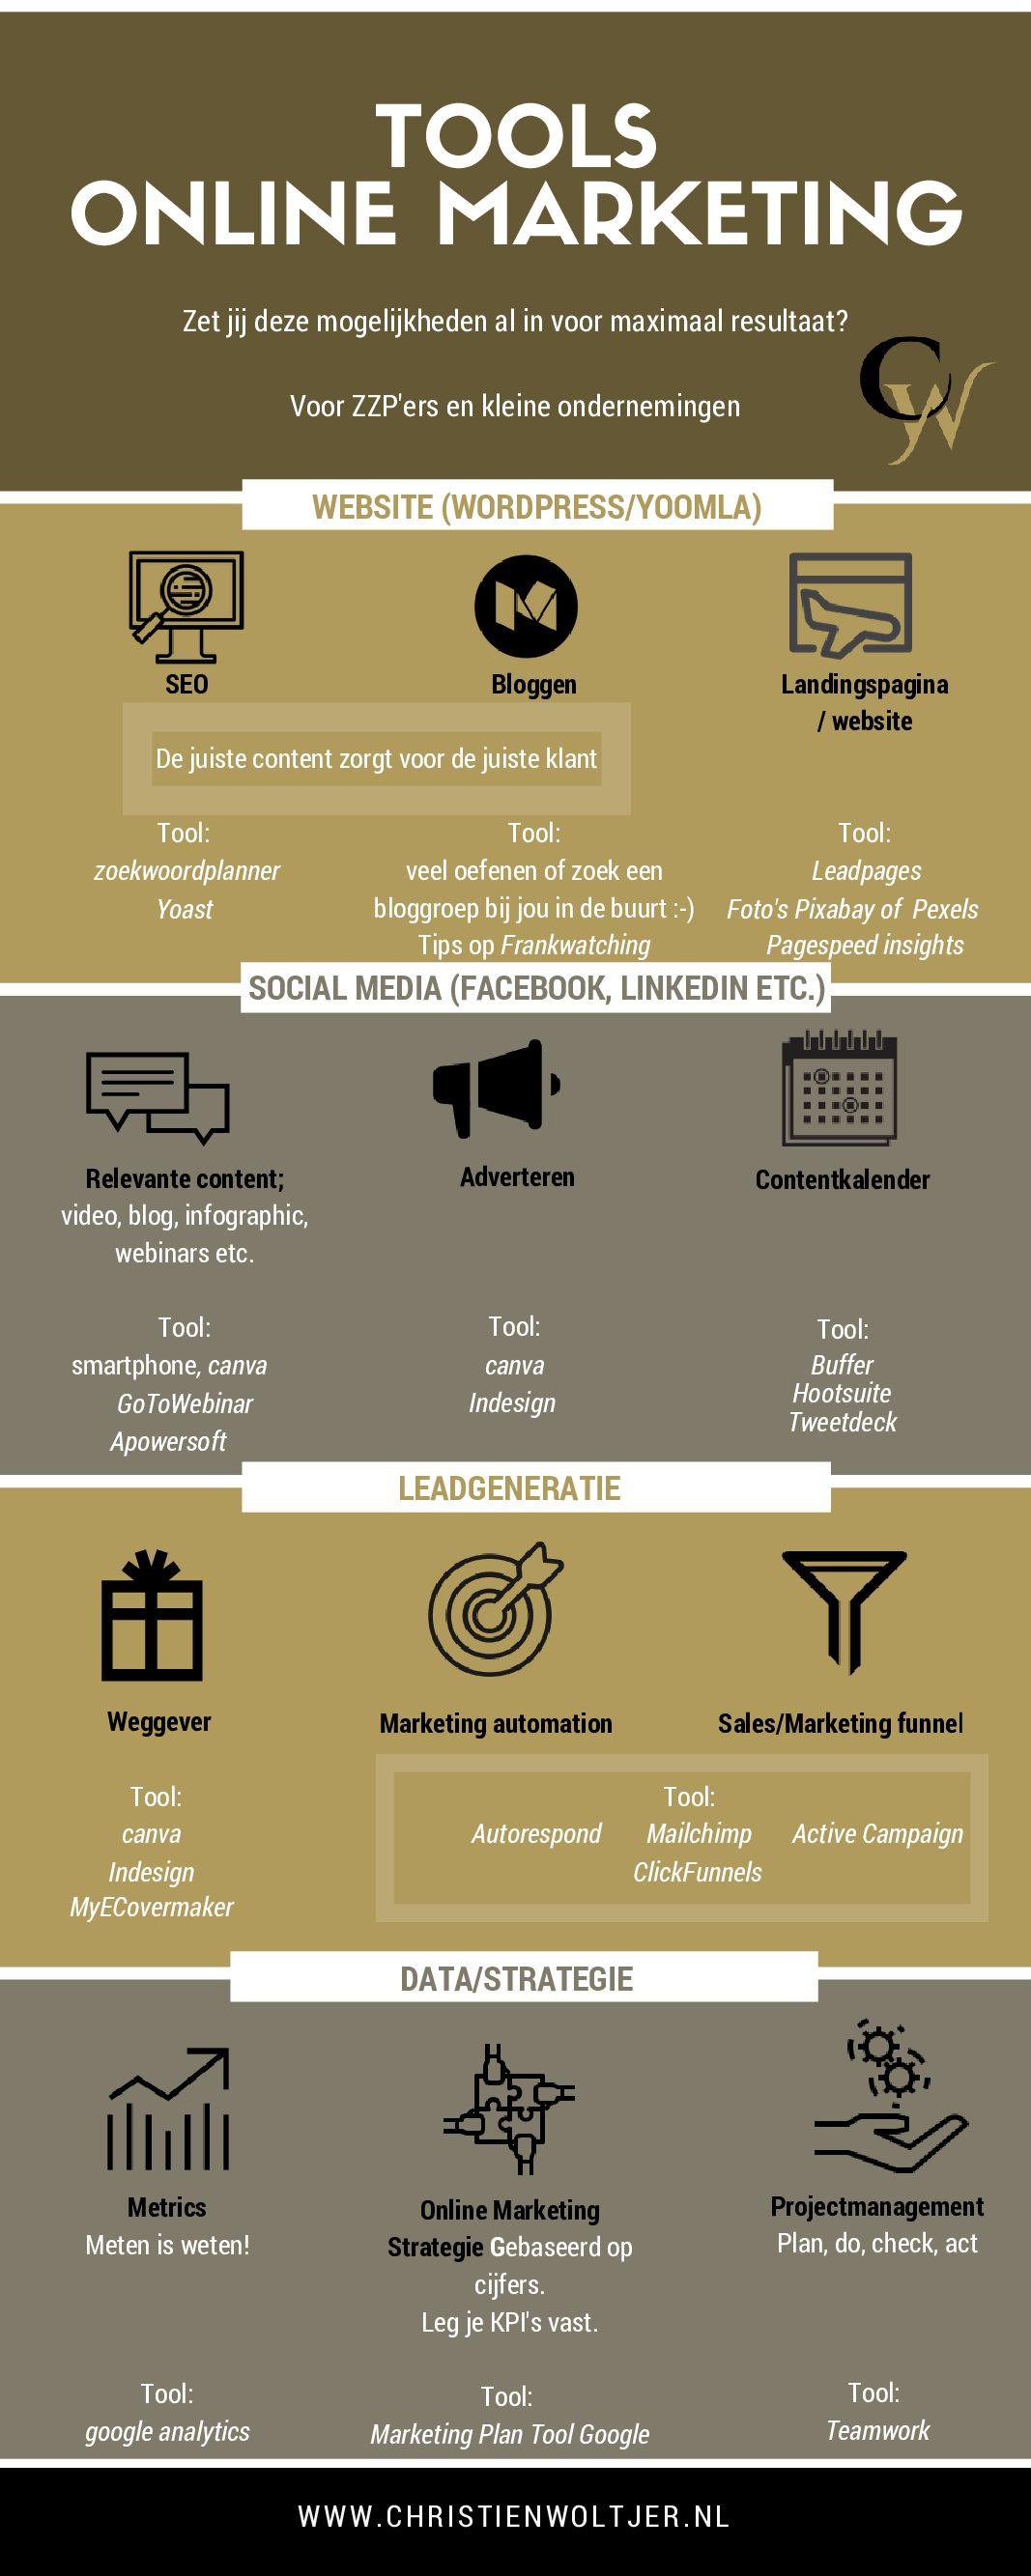 Zet jij Online Marketing al in voor maximaal resultaat?